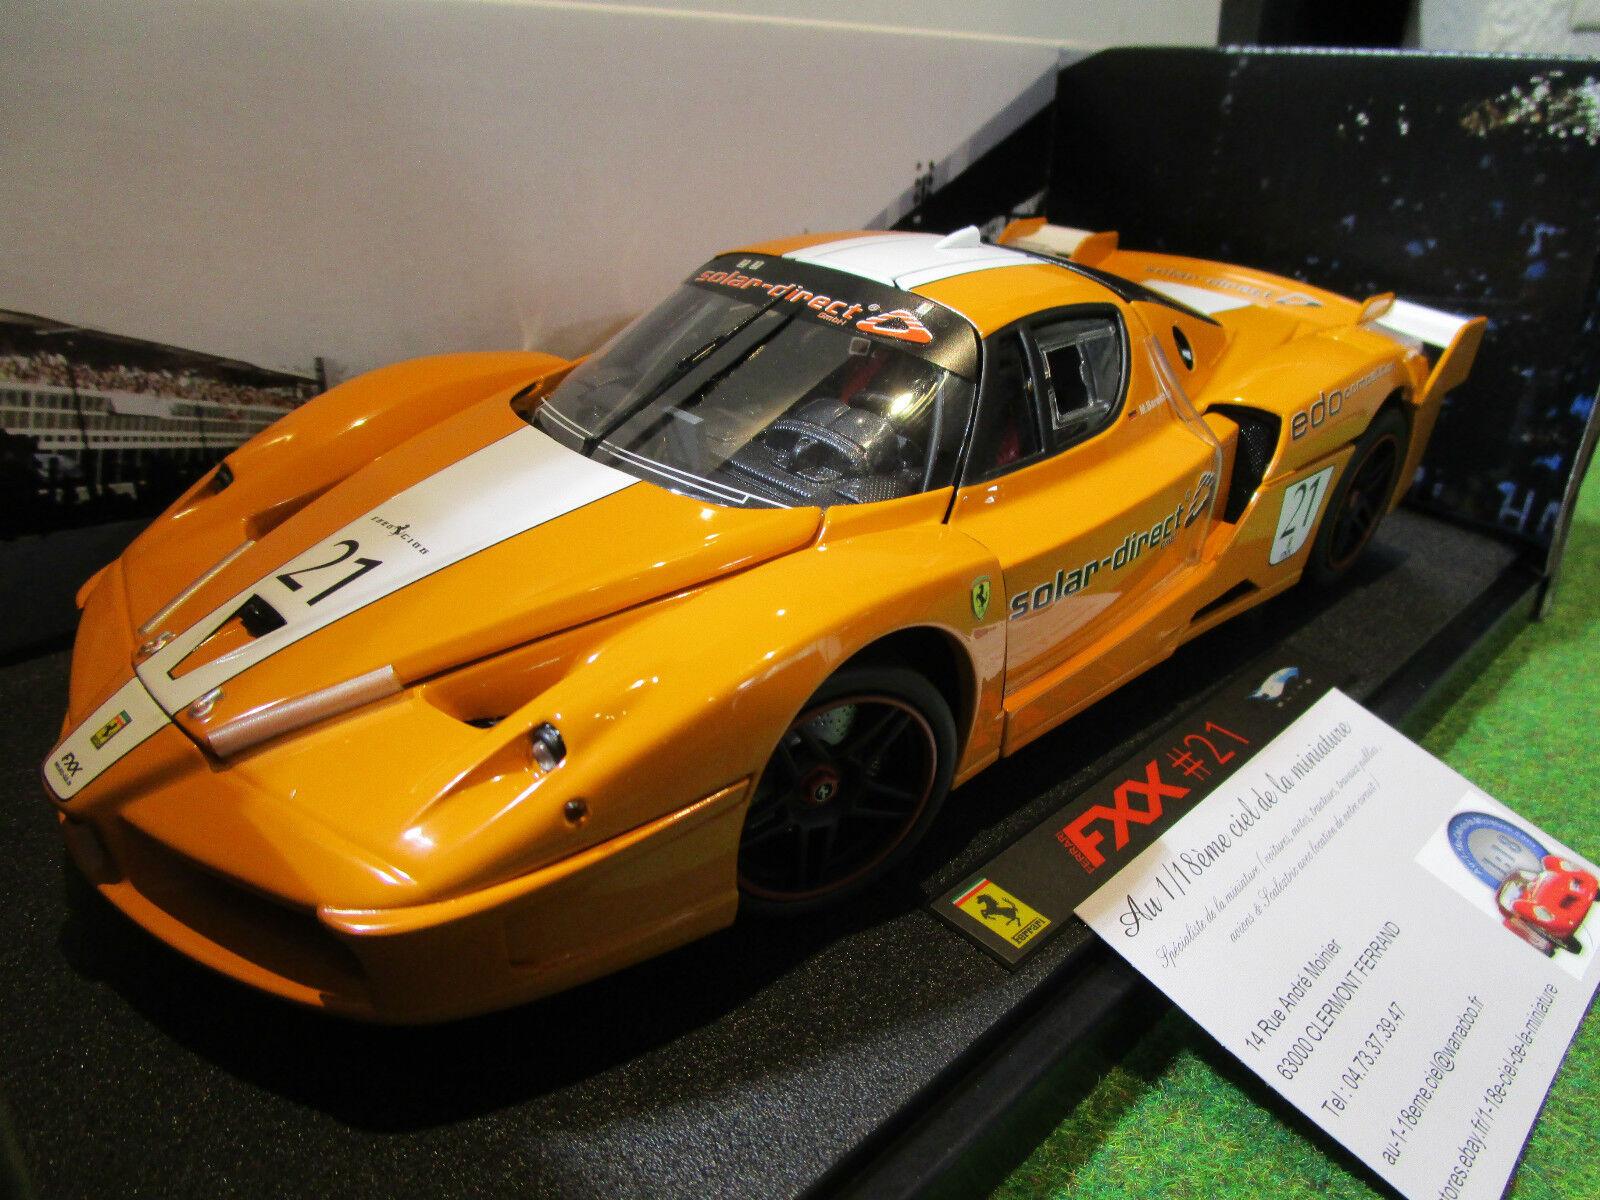 FERRARI FXX Orange   21 SOLAR au 1 18 d HOT WHEELS ELITE L7114 voiture miniature